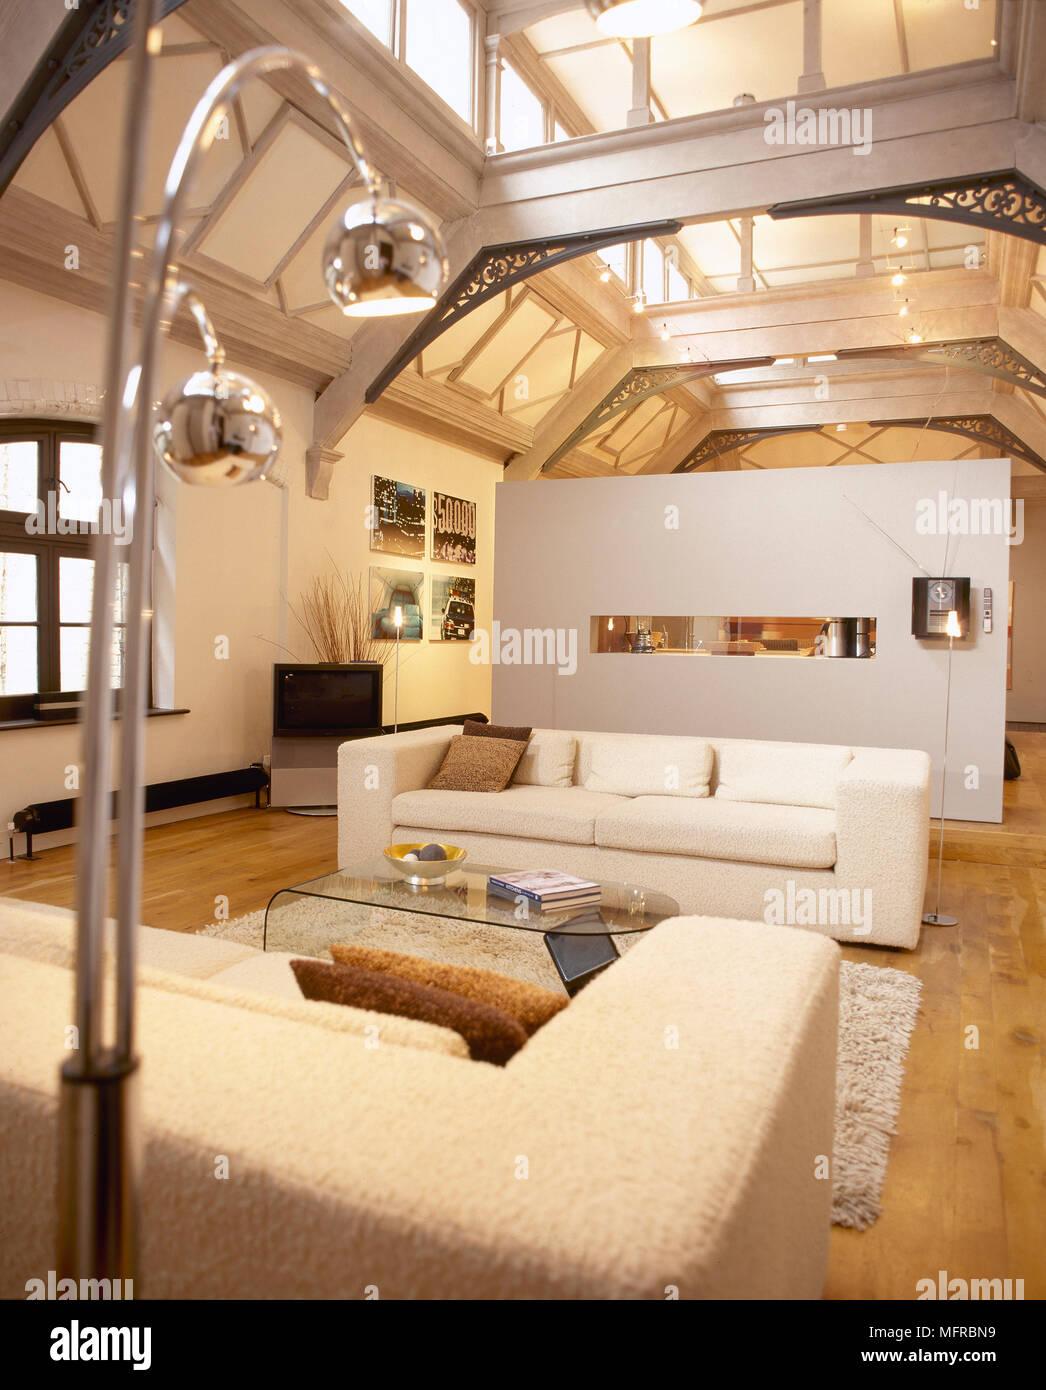 wohnzimmer mit sofas, couchtisch aus glas, trennwand geöffnet, und